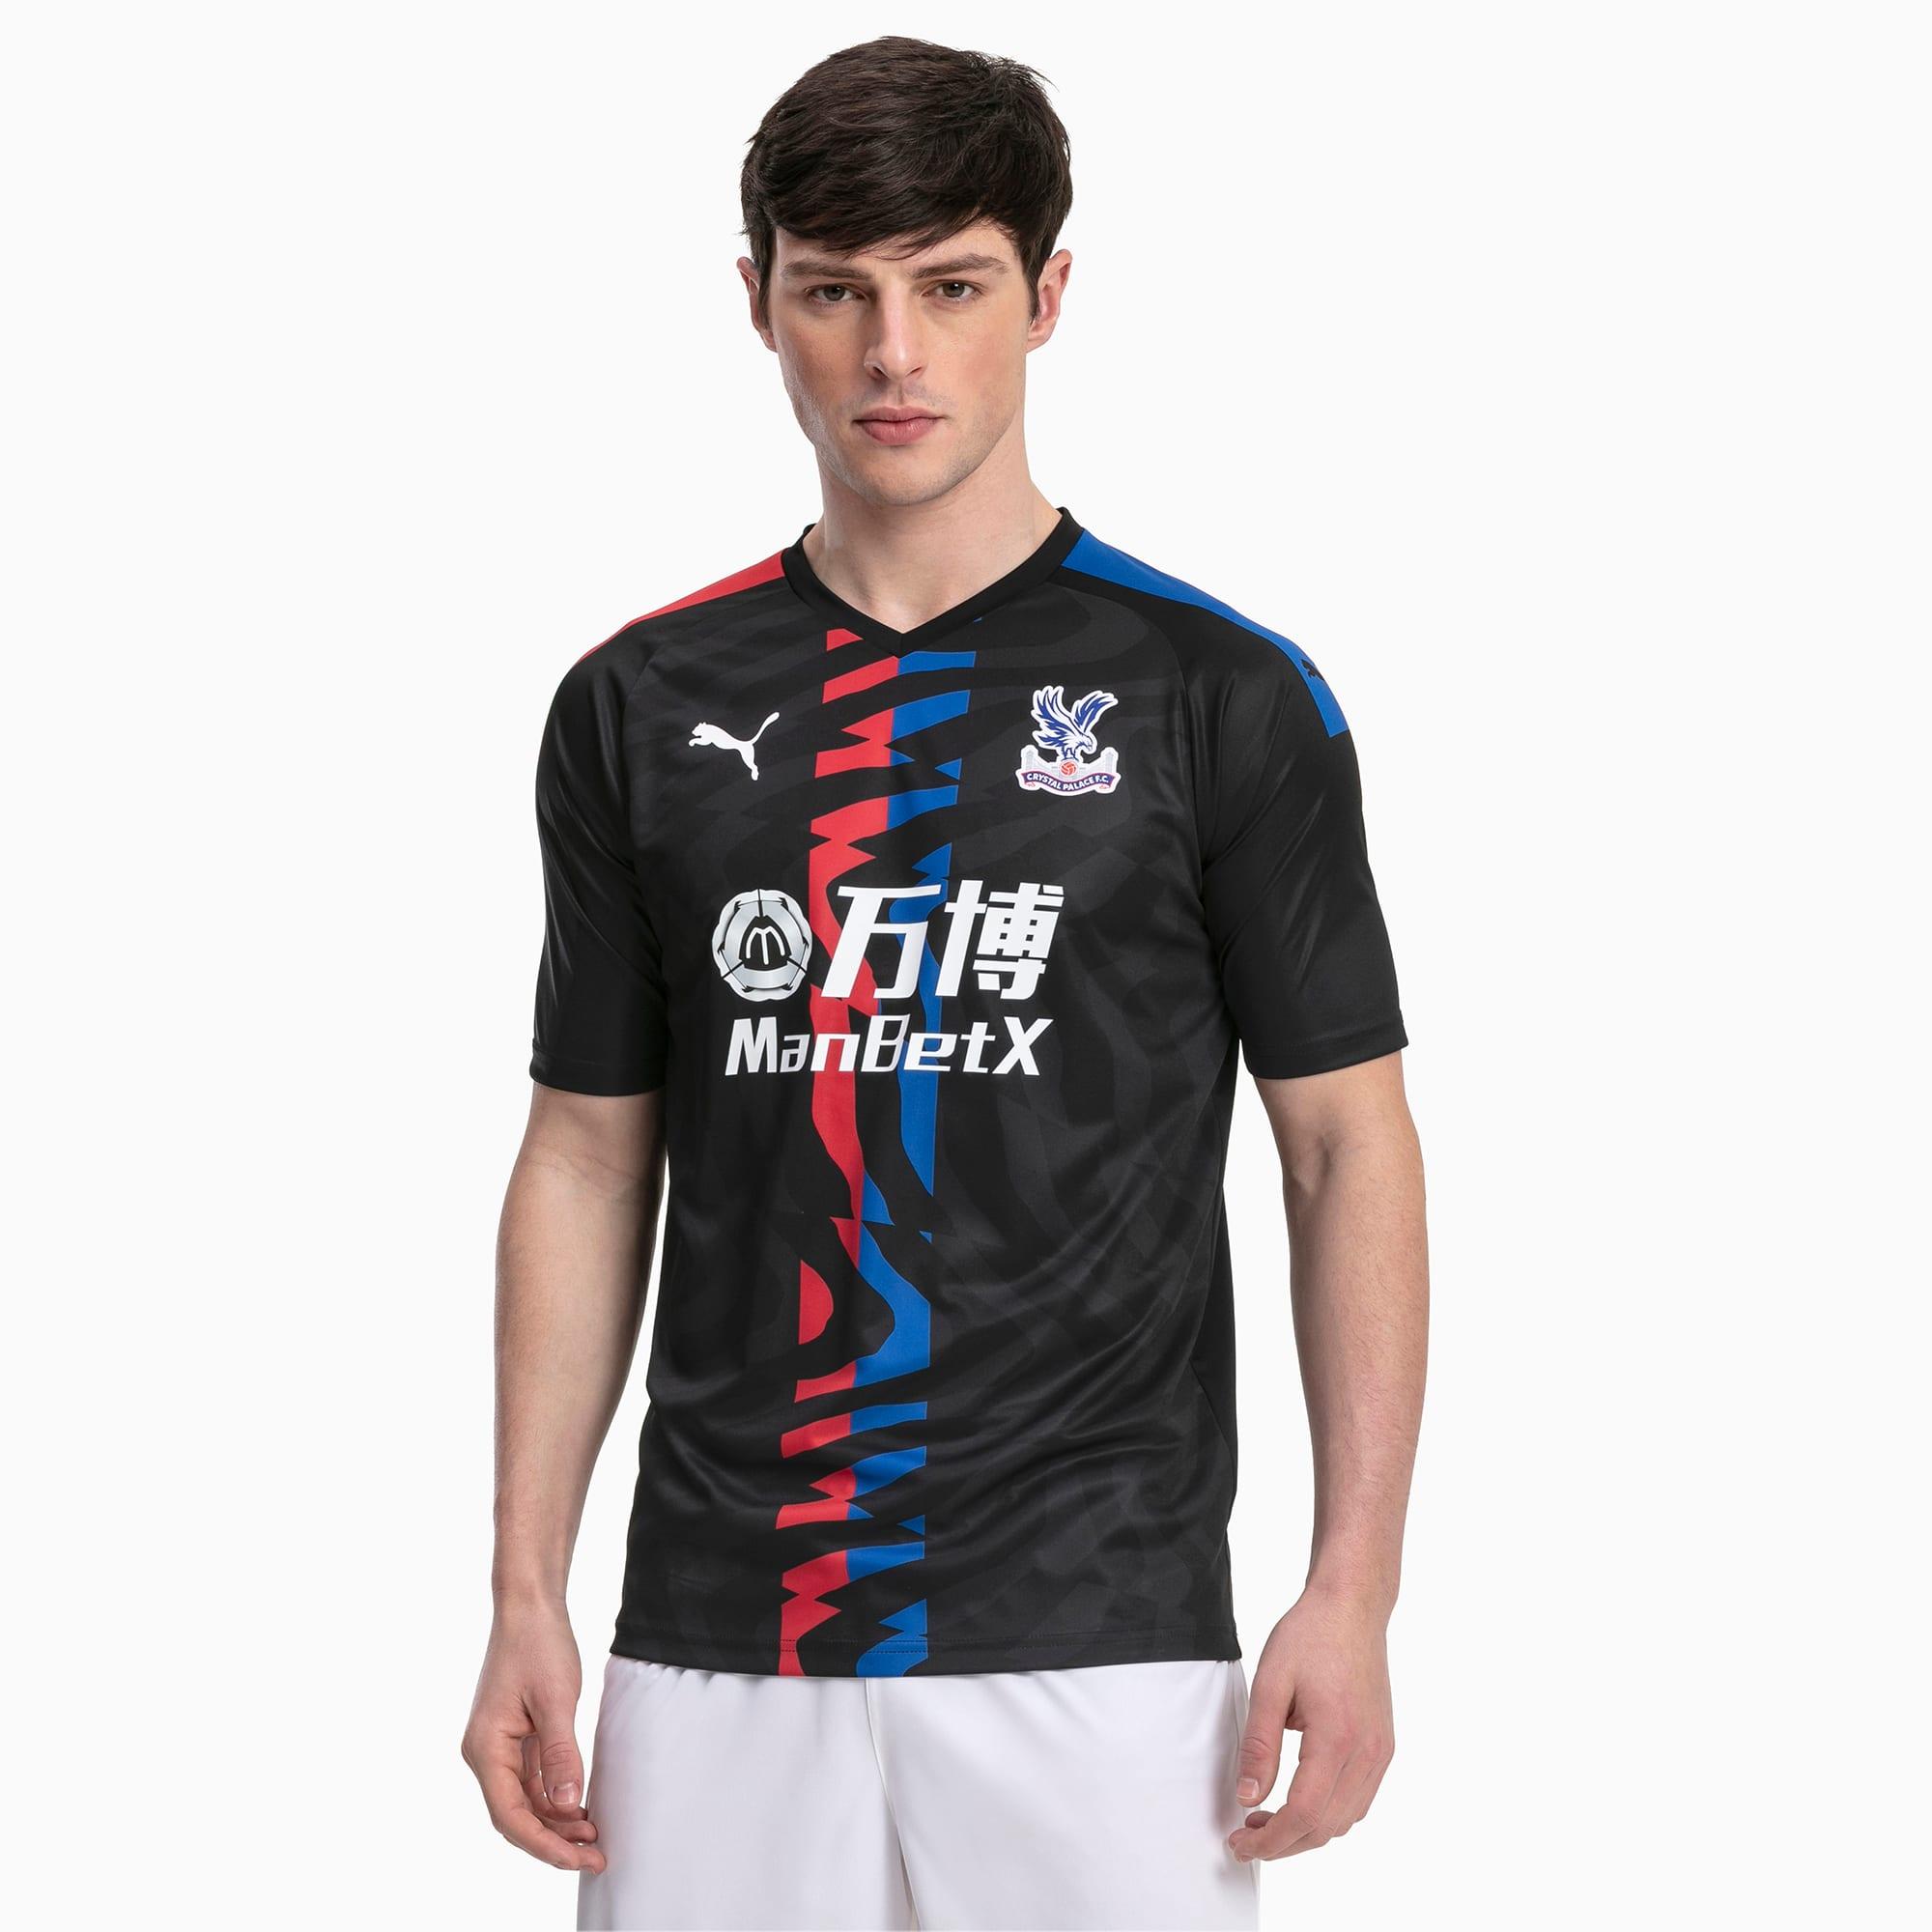 Camiseta de Segunda Equipación Para Hombre Crystal Palace, Rojo/Azul/Negro, Talla XL | PUMA Hombres